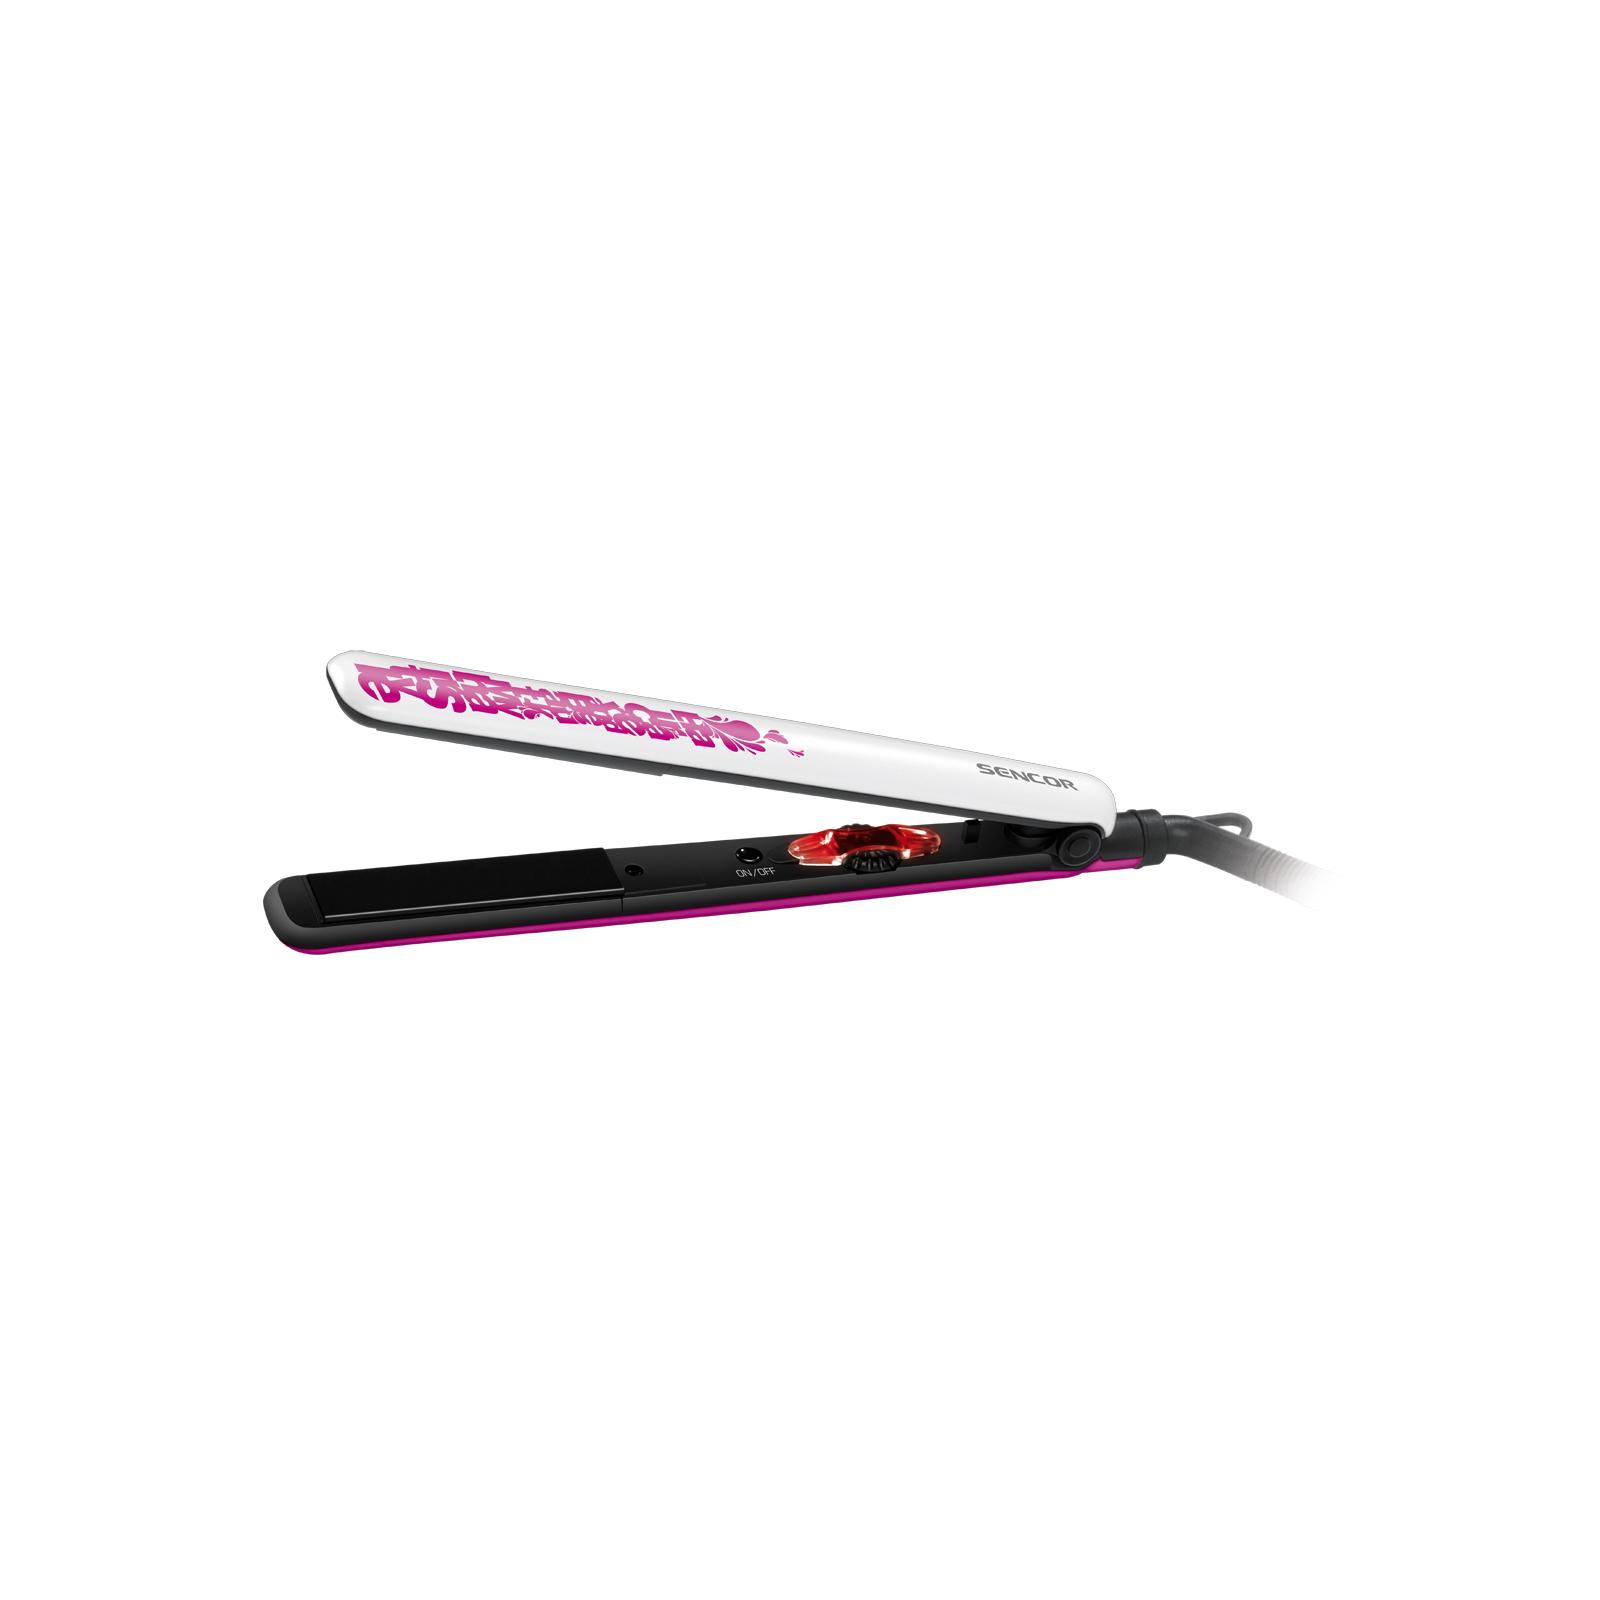 Выпрямитель для волос Sencor SHI 781 VT (SHI781VT)